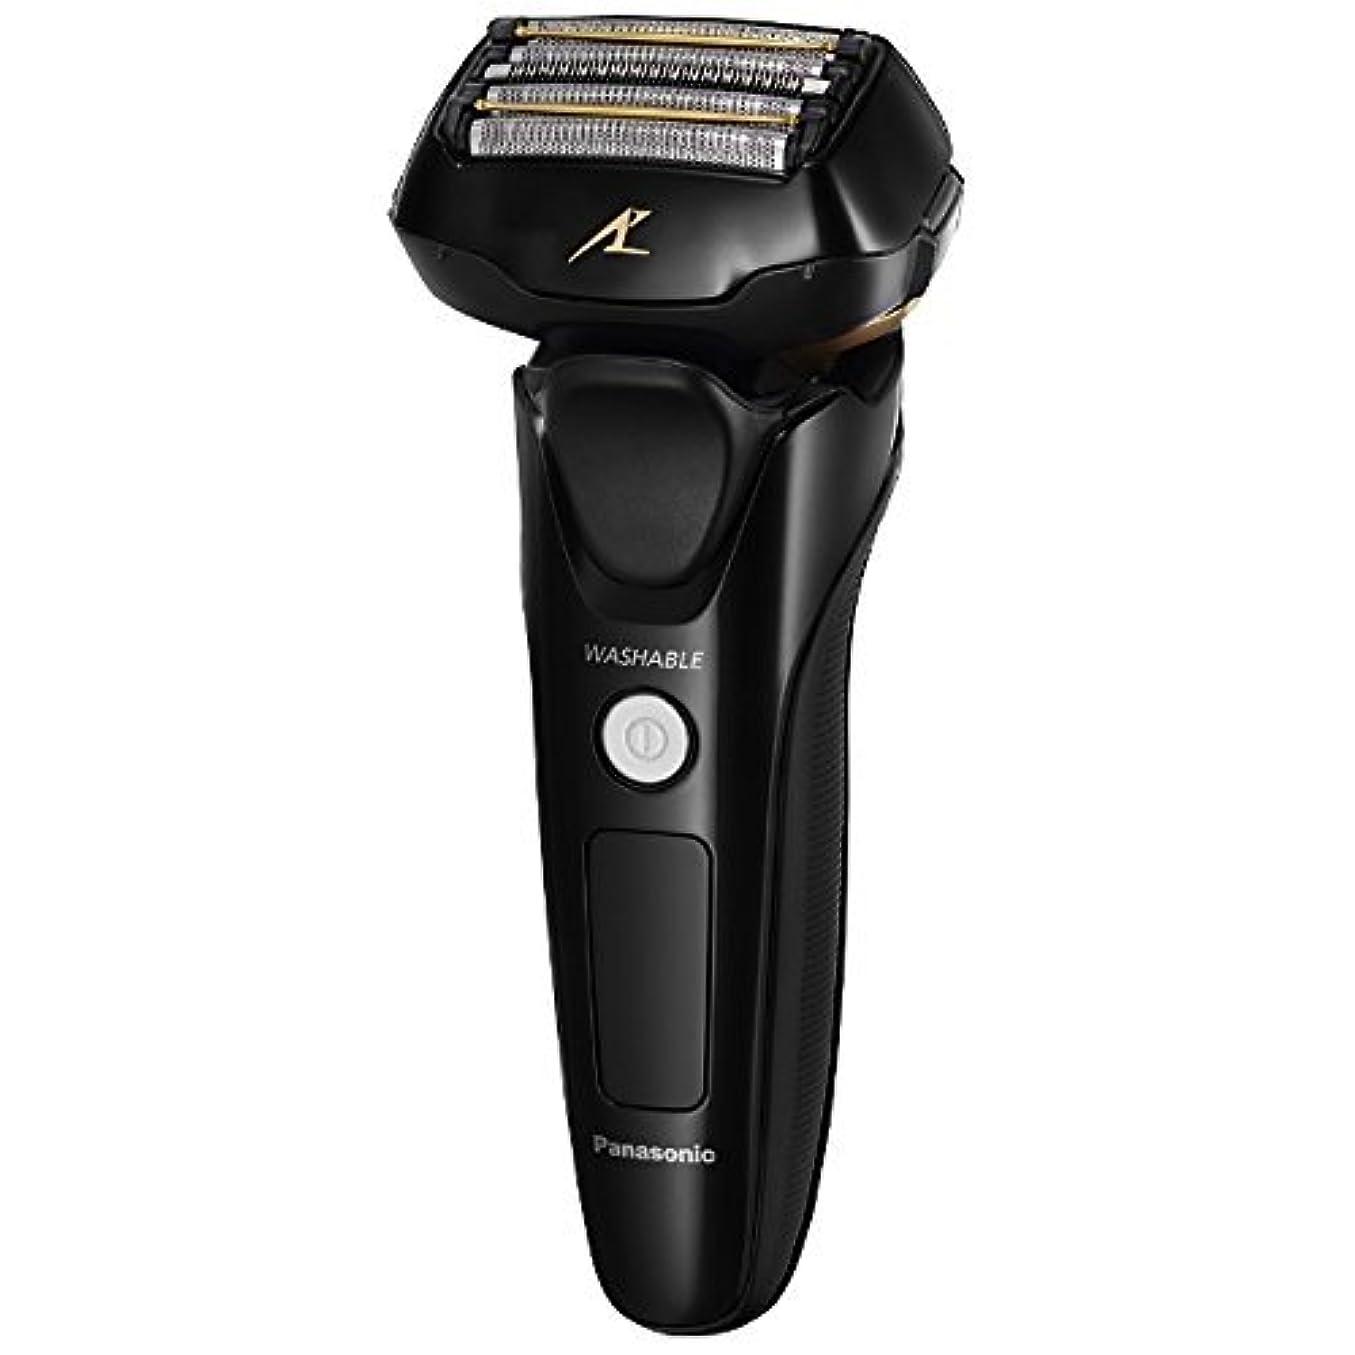 スズメバチ普通の馬鹿げたパナソニック メンズシェーバー(黒)Panasonic ラムダッシュ 【5枚刃】 ES-LV5A の限定モデル ES-CLV5A-K